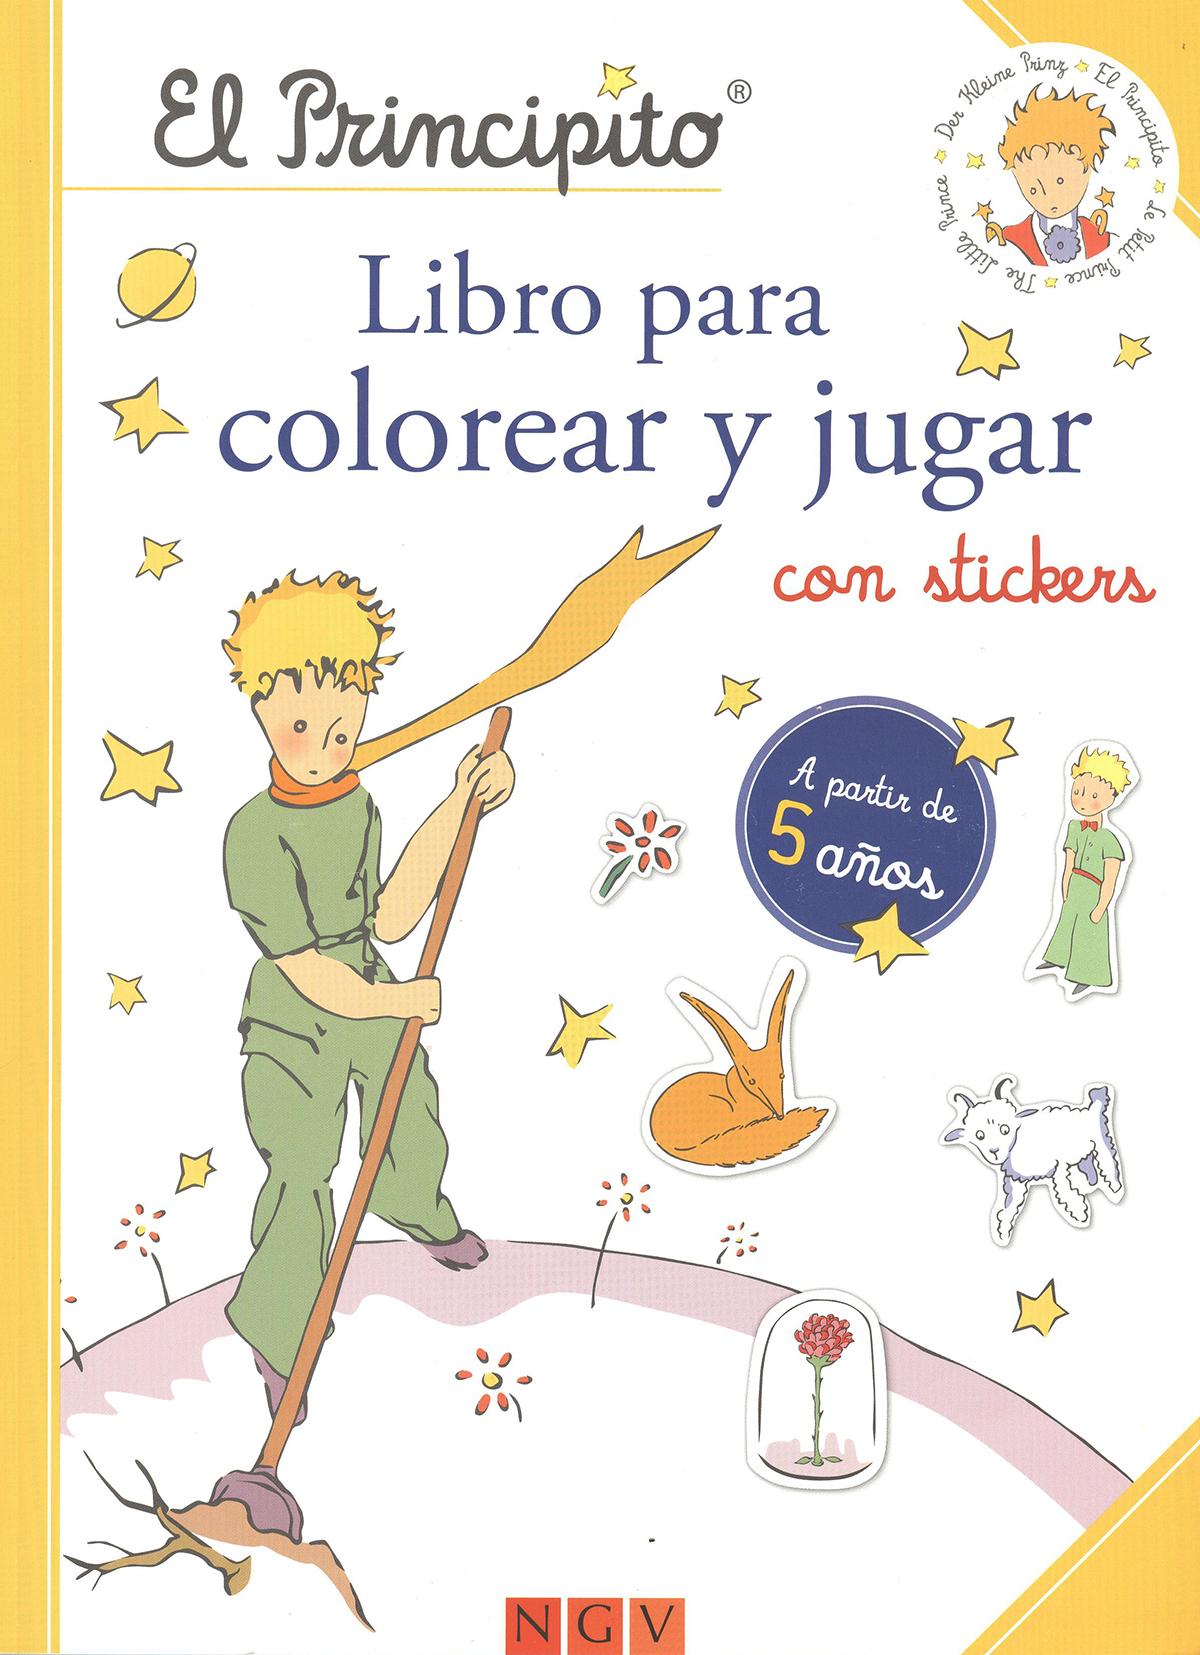 El principito. Libro para colorear y jugar con stickers